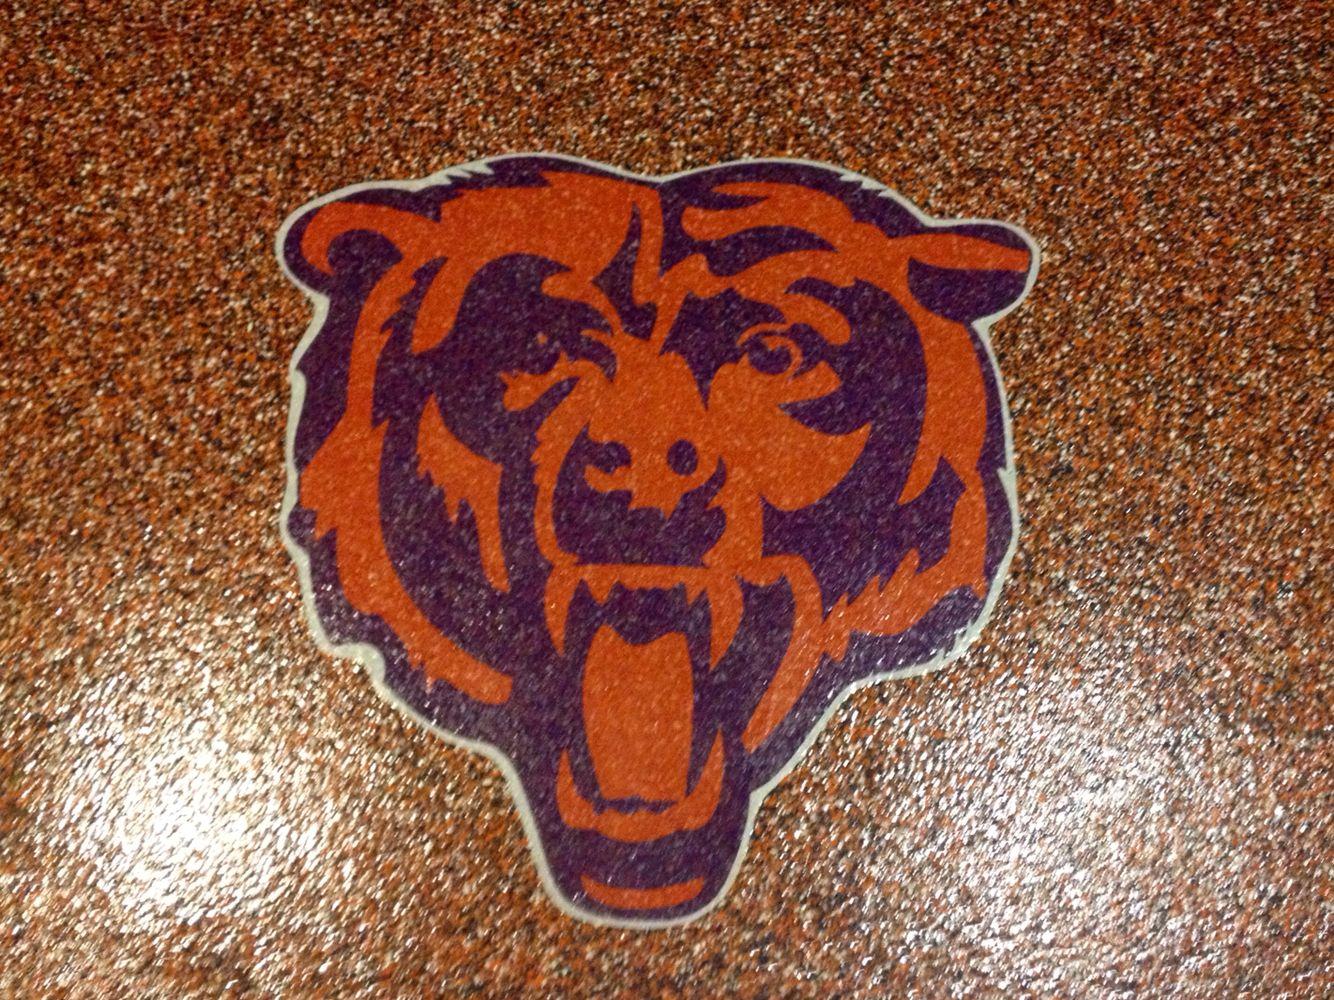 Chicago Bears Epoxy Floor Epoxy Floor Flooring Garage Floor